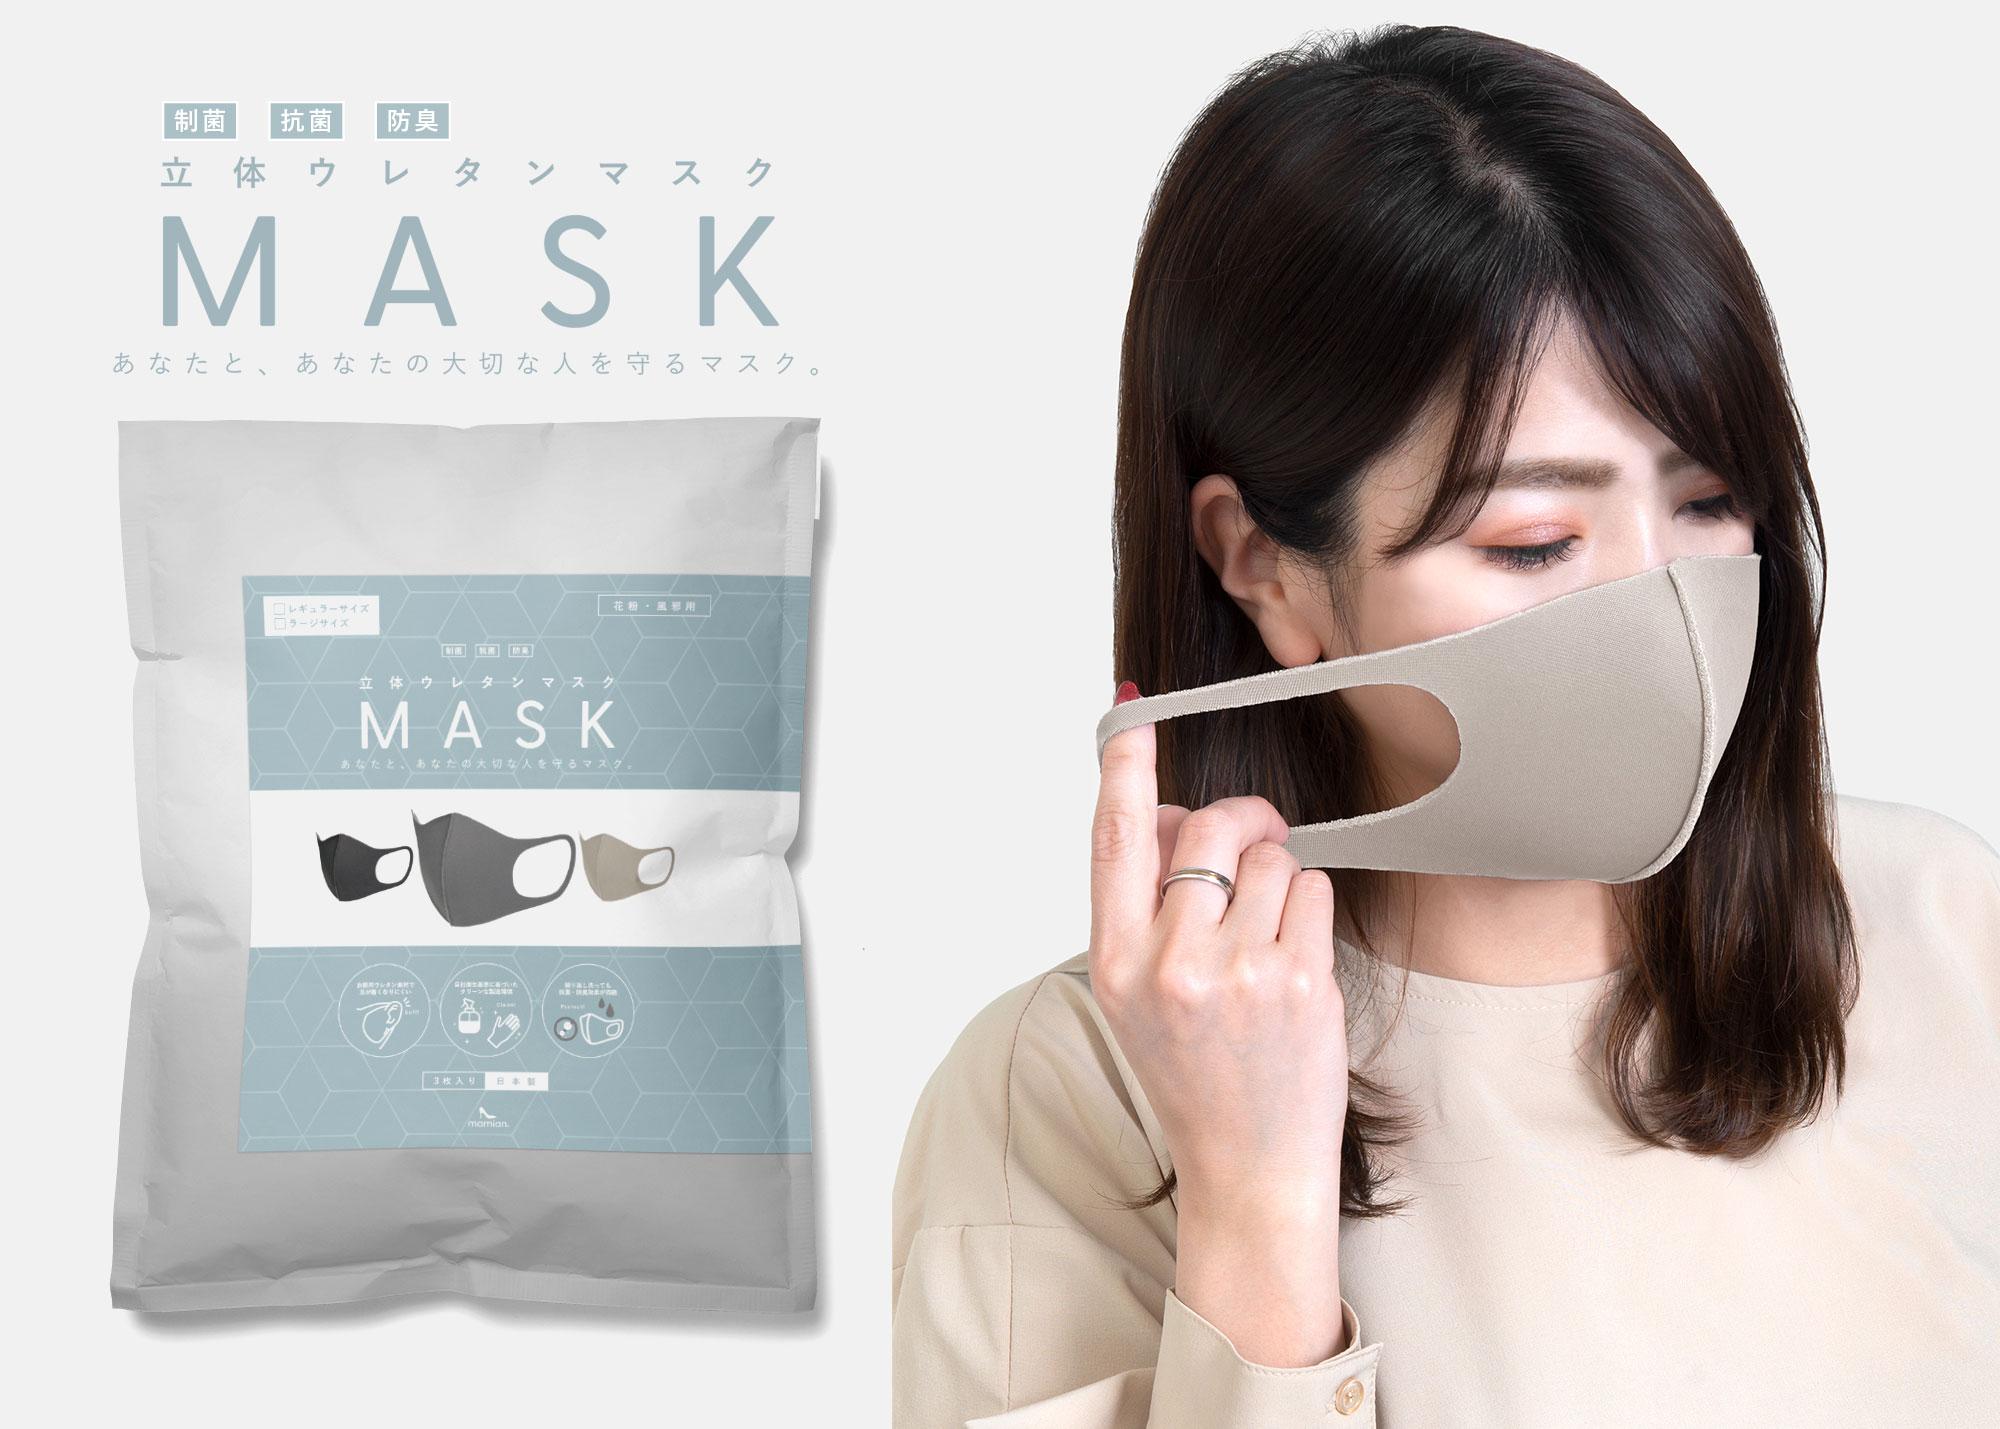 シューズメーカーがマスクを作った‼︎ 『マミアン』のウレタンマスクがすごいらしい_1